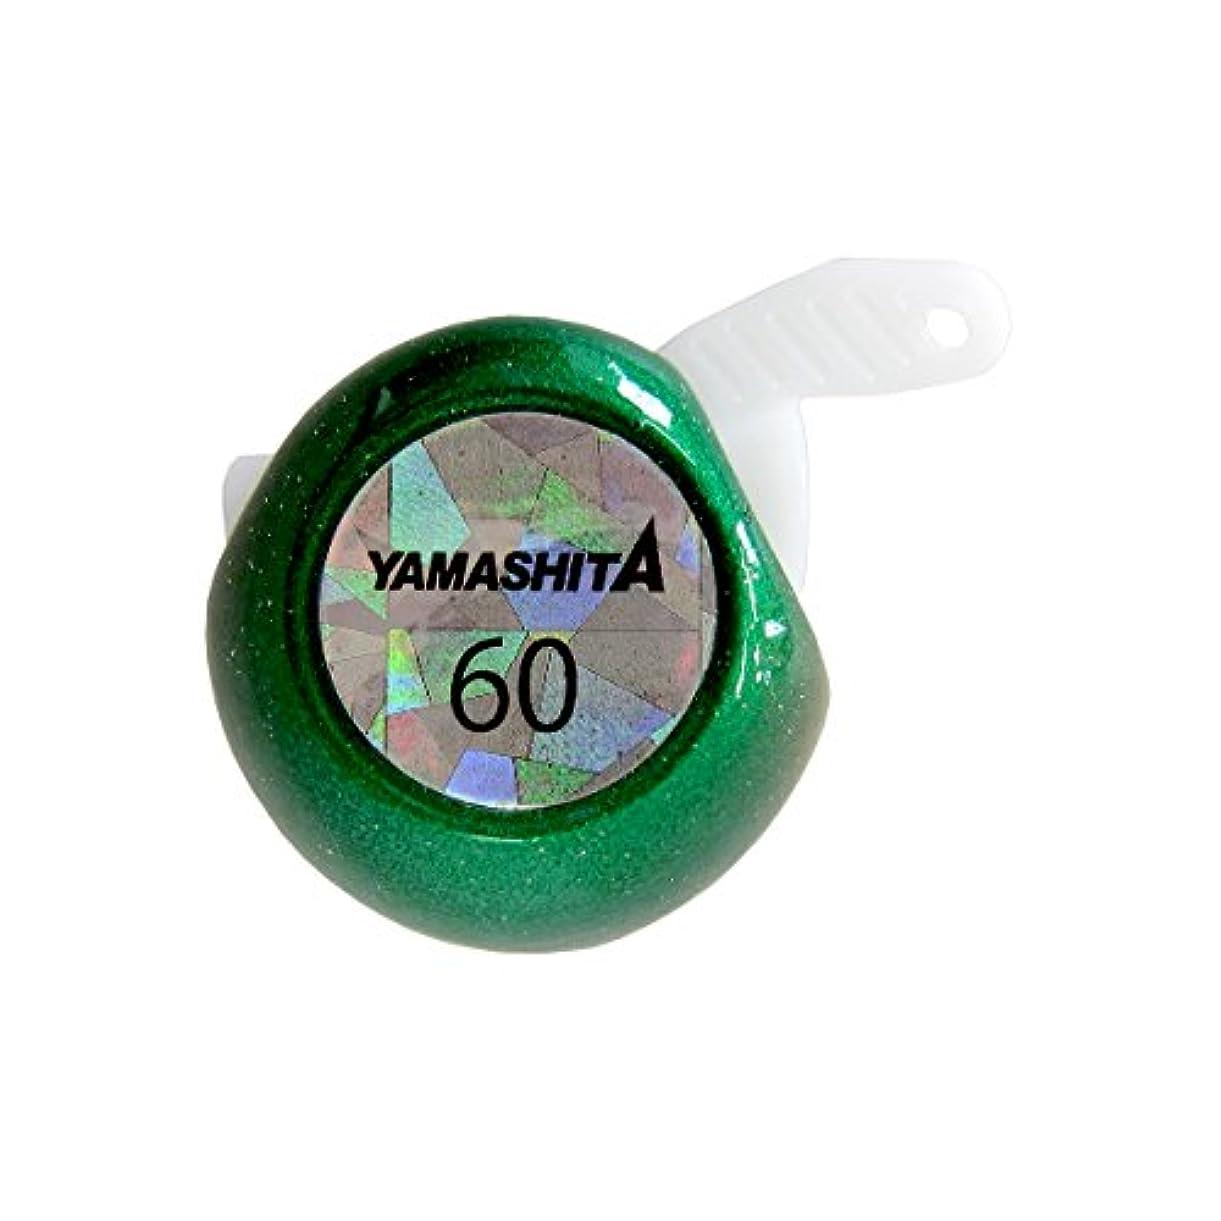 コンソール放射性マットレスヤマシタ(YAMASHITA) タイラバ 鯛歌舞楽 替玉 60g グリーン #05 メタルジグ ルアー